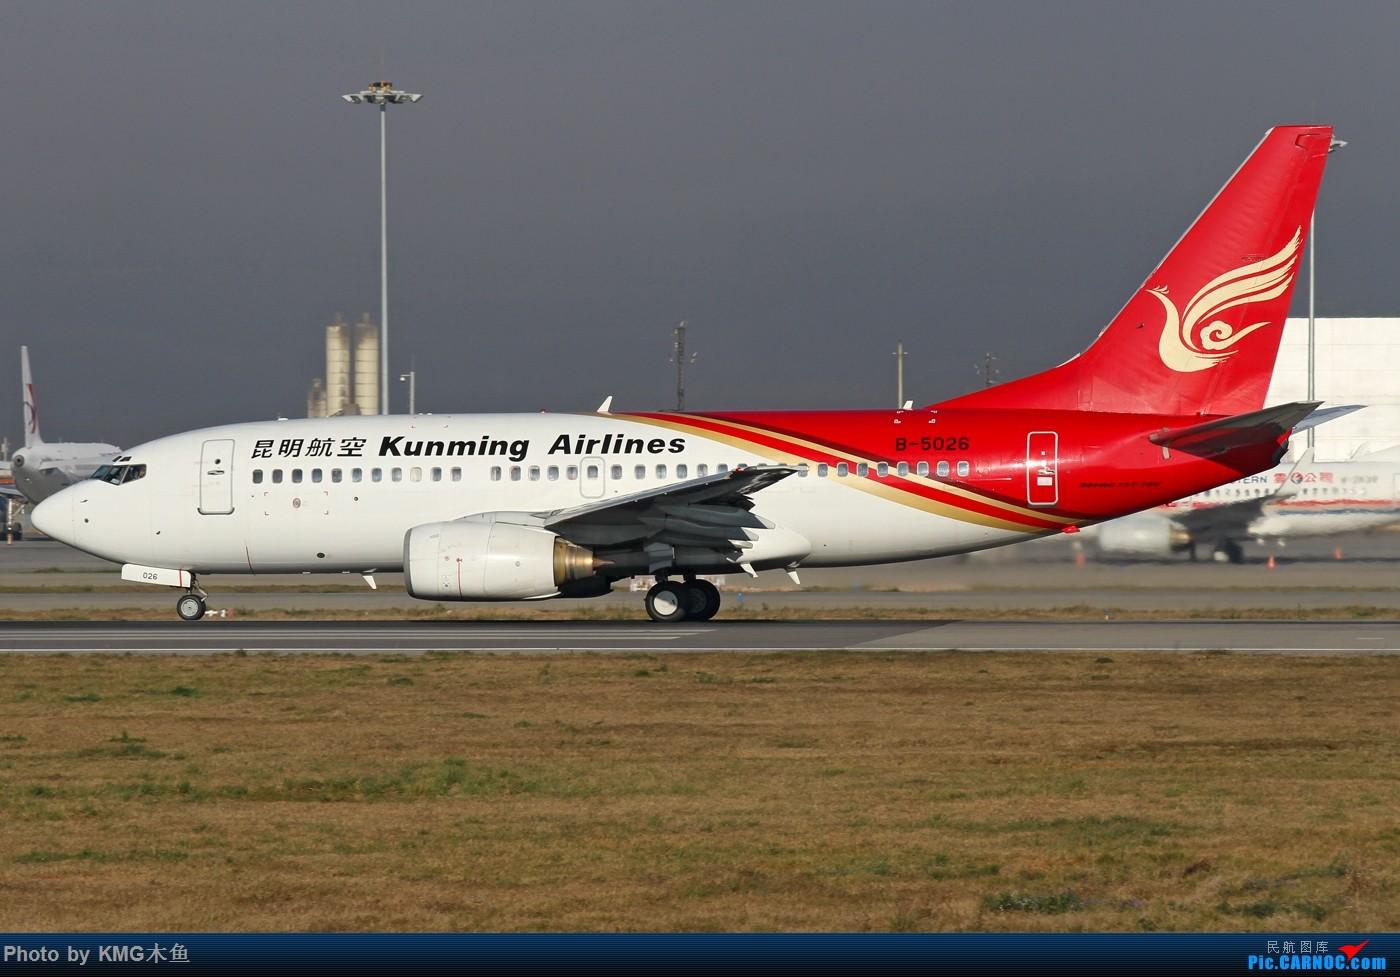 Re:[原创]【KMG昆明长水国际机场】好天气,拍到了好灰机,愉快的一天 BOEING 737-700 B-5026 中国昆明长水国际机场